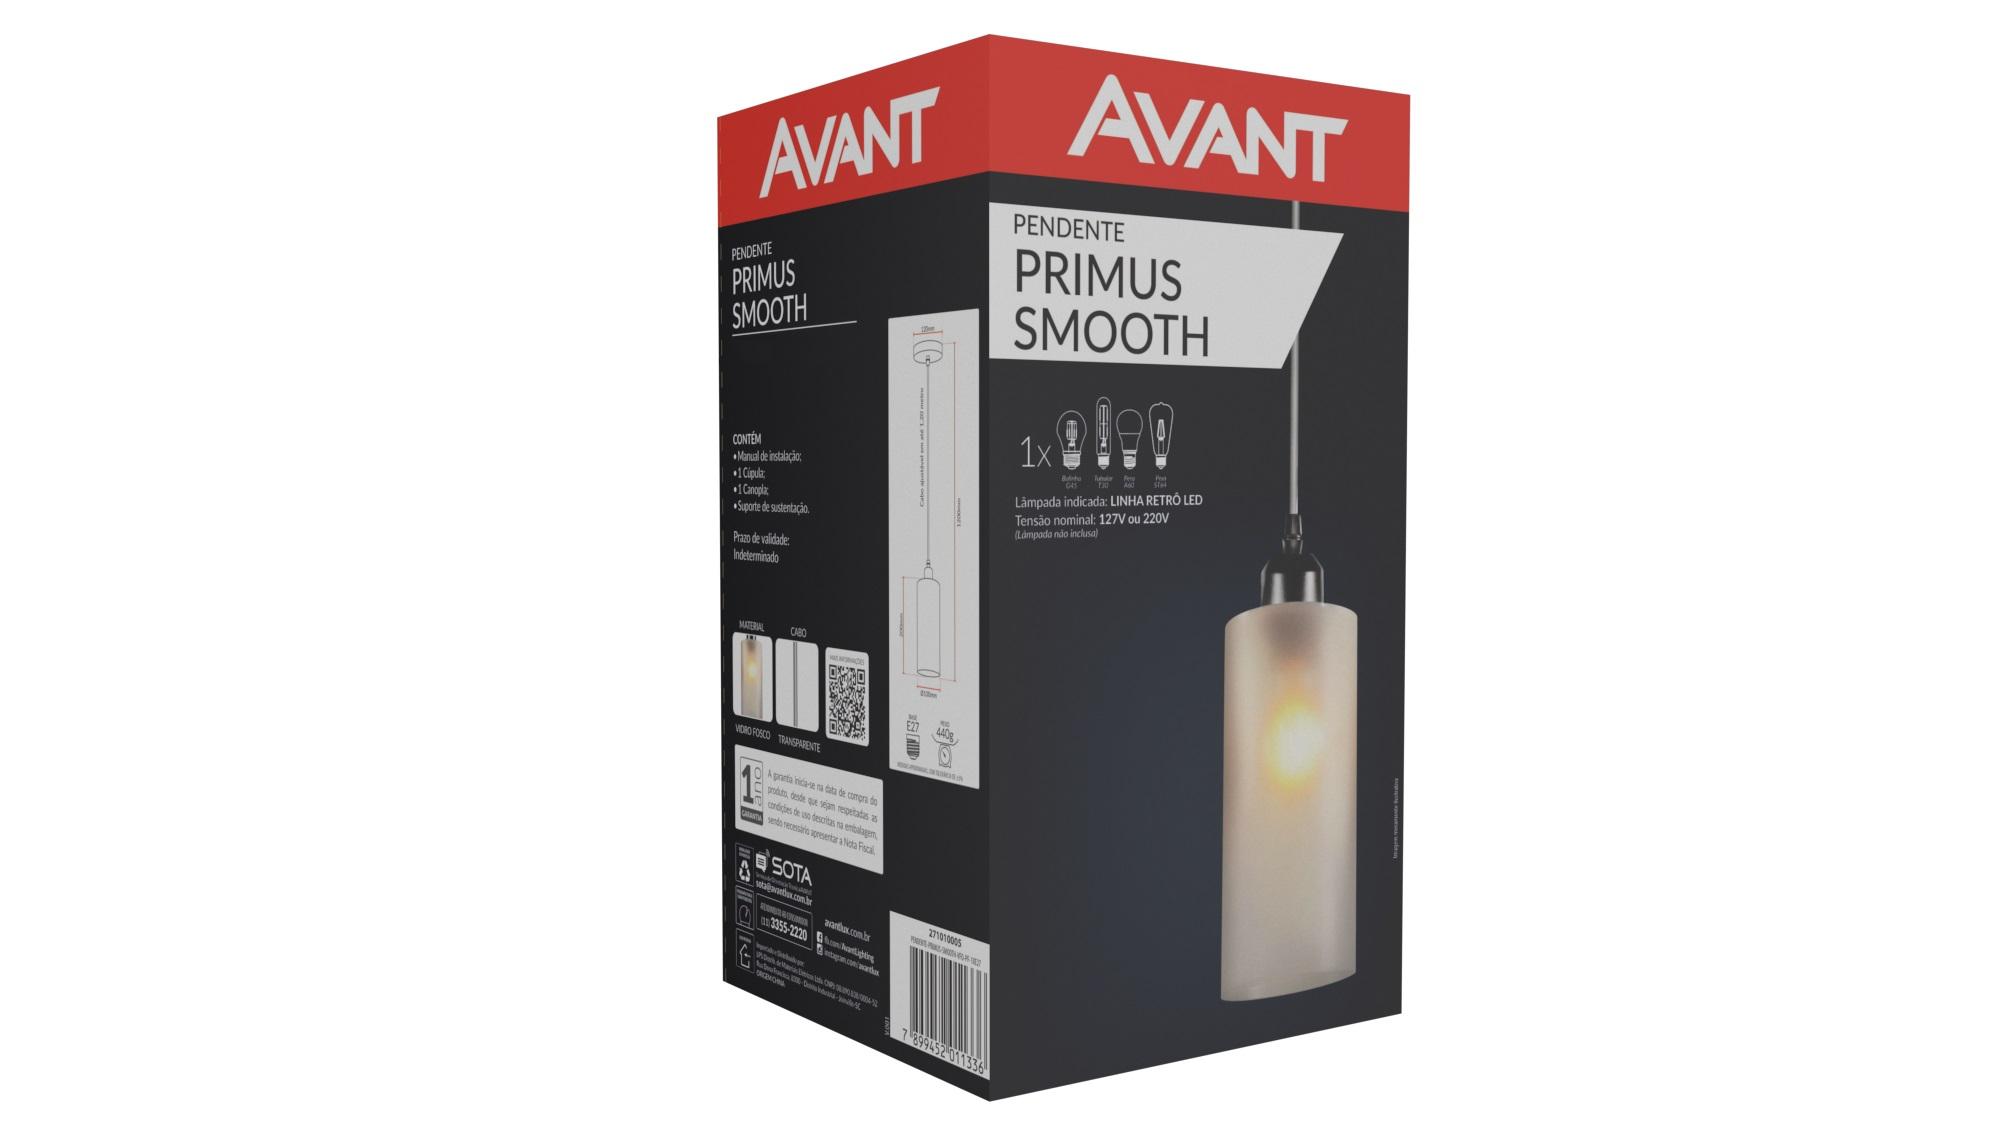 Pendente Avant Primus Smooth 1 Lâmpada E27 Vidro Fosco Liso  - Casa Mattos